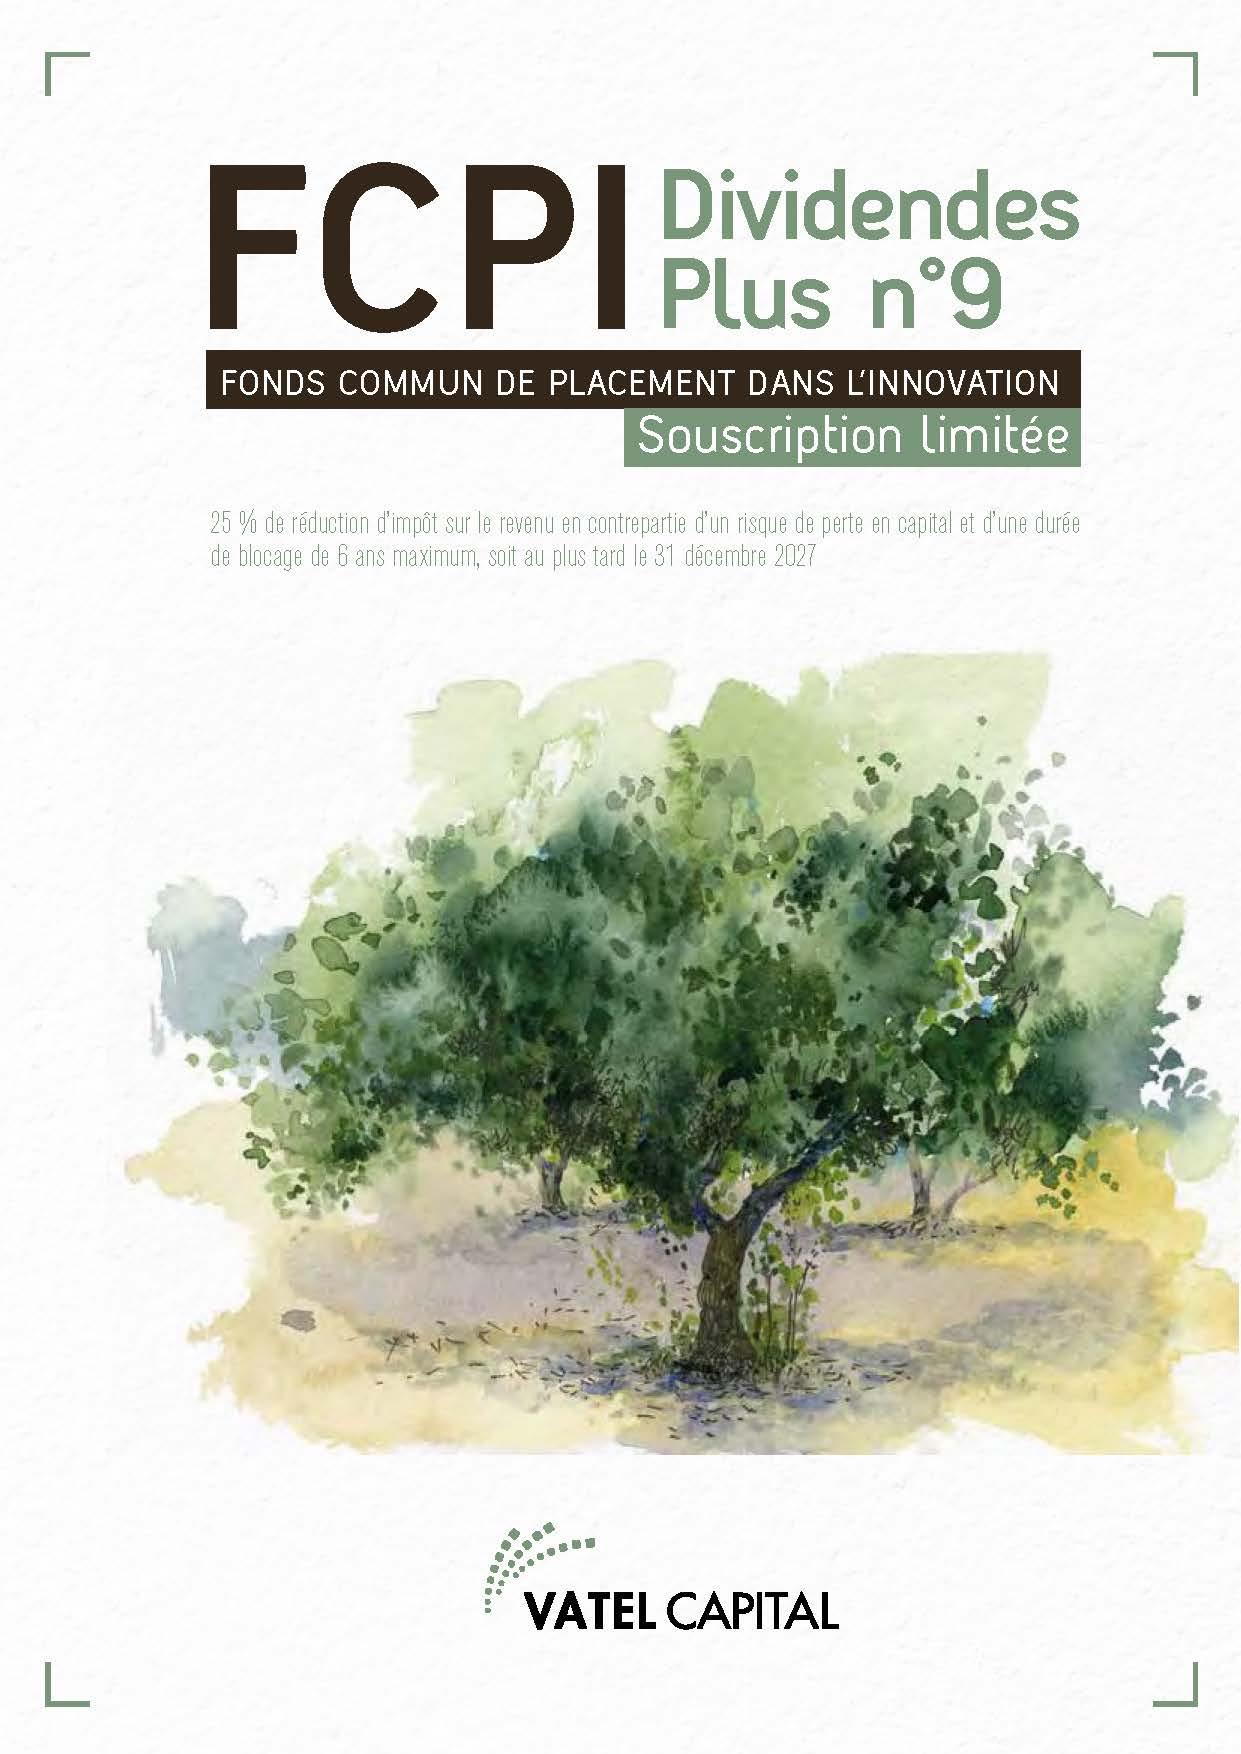 FCPI DIVIDENDES PLUS N° 9